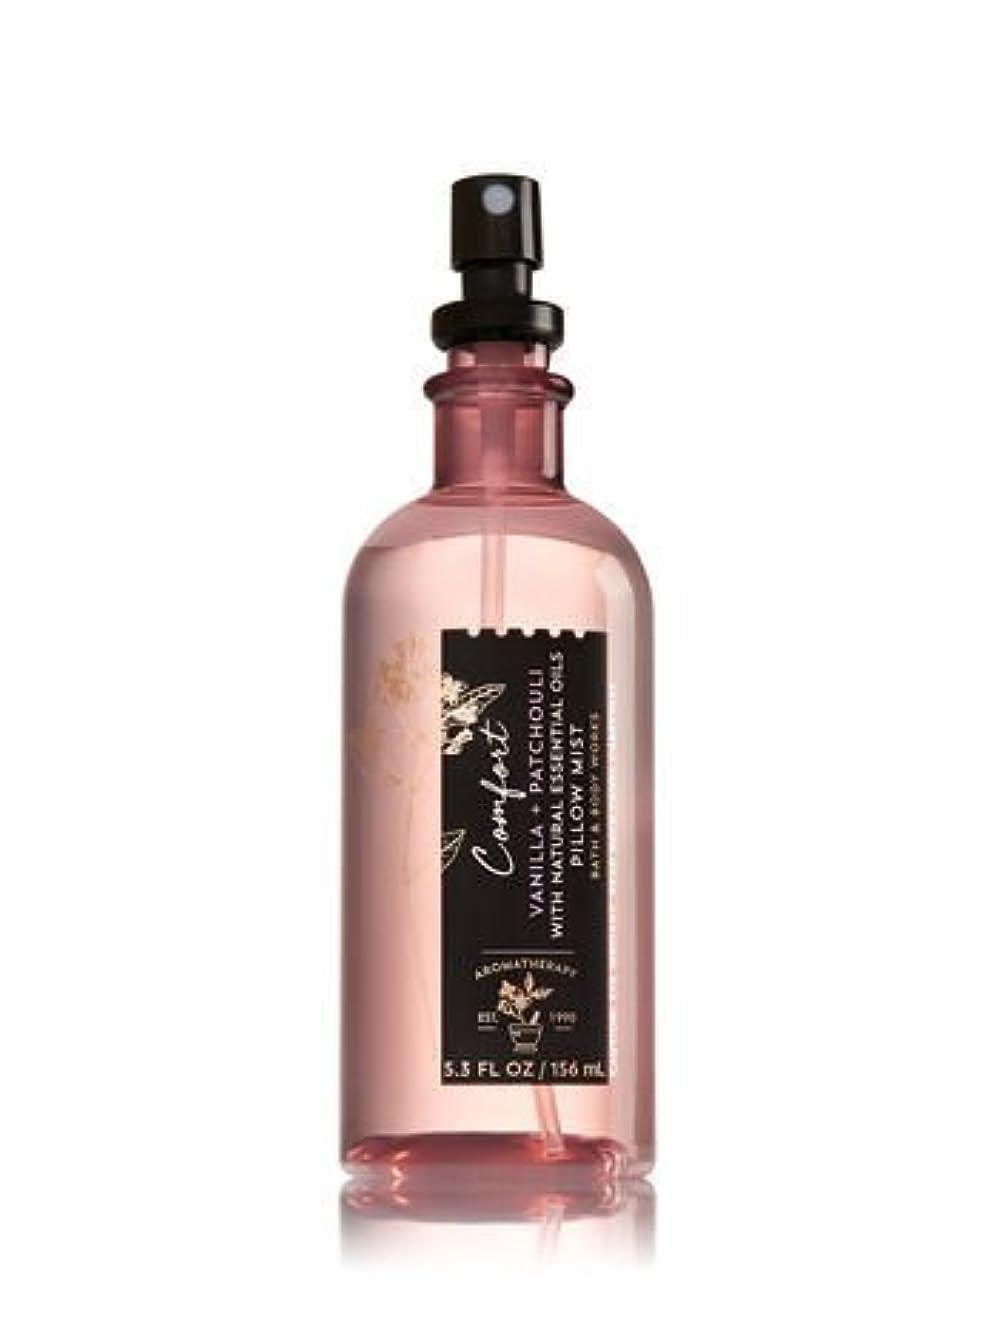 批判的モーション強います【Bath&Body Works/バス&ボディワークス】 ピローミスト アロマセラピー コンフォート バニラパチョリ Aromatherapy Pillow Mist Confort Vanilla Patchouli 5.3 fl oz / 156 mL [並行輸入品]